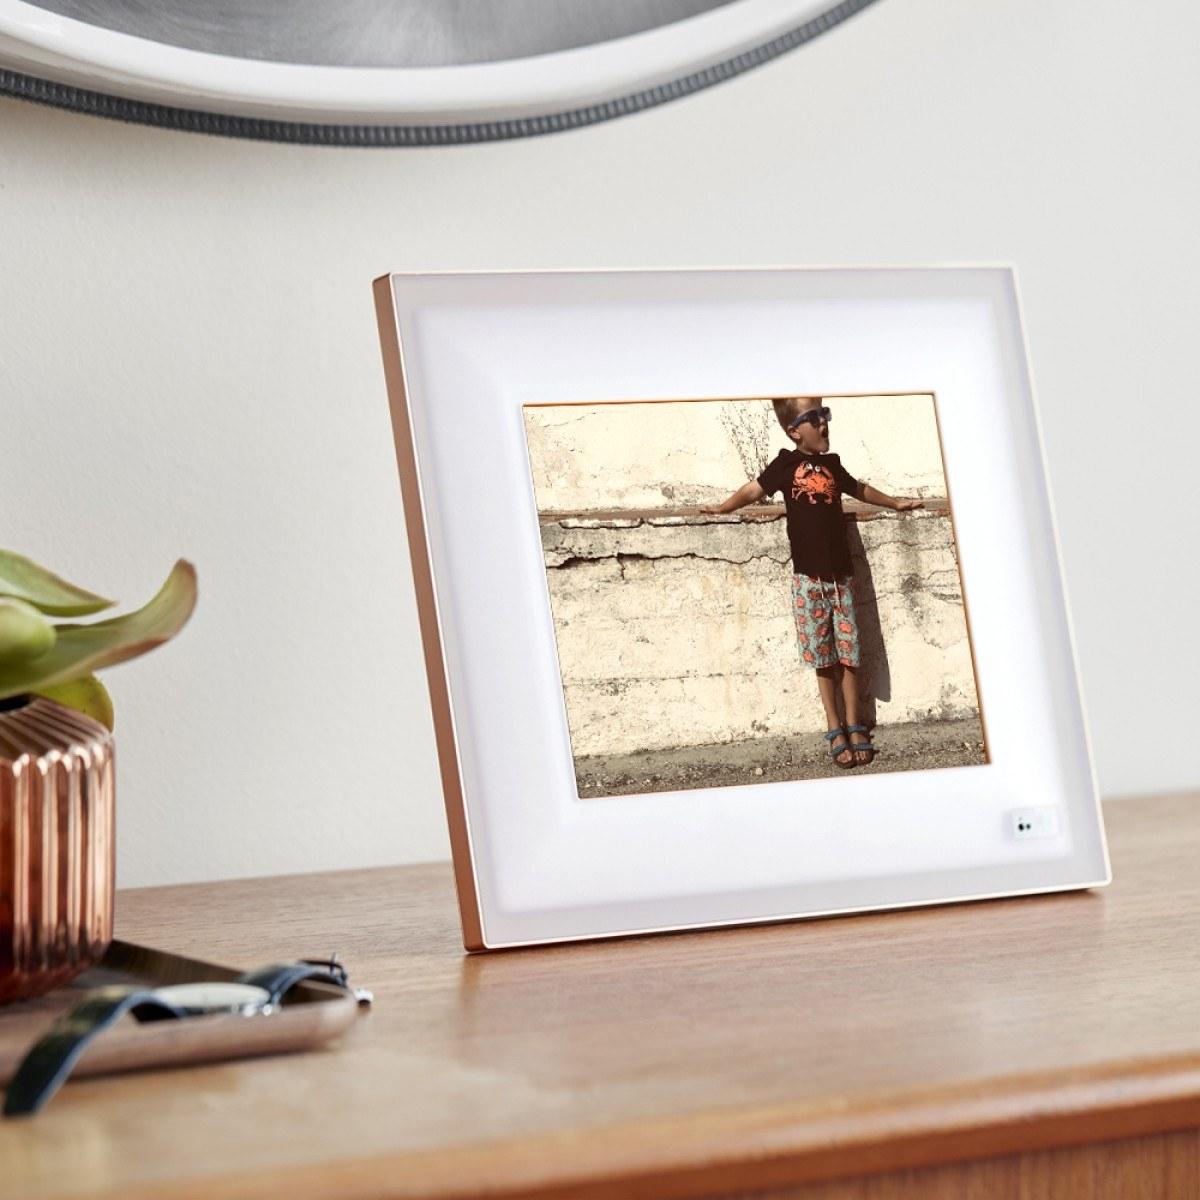 the smart frame displayed on dresser